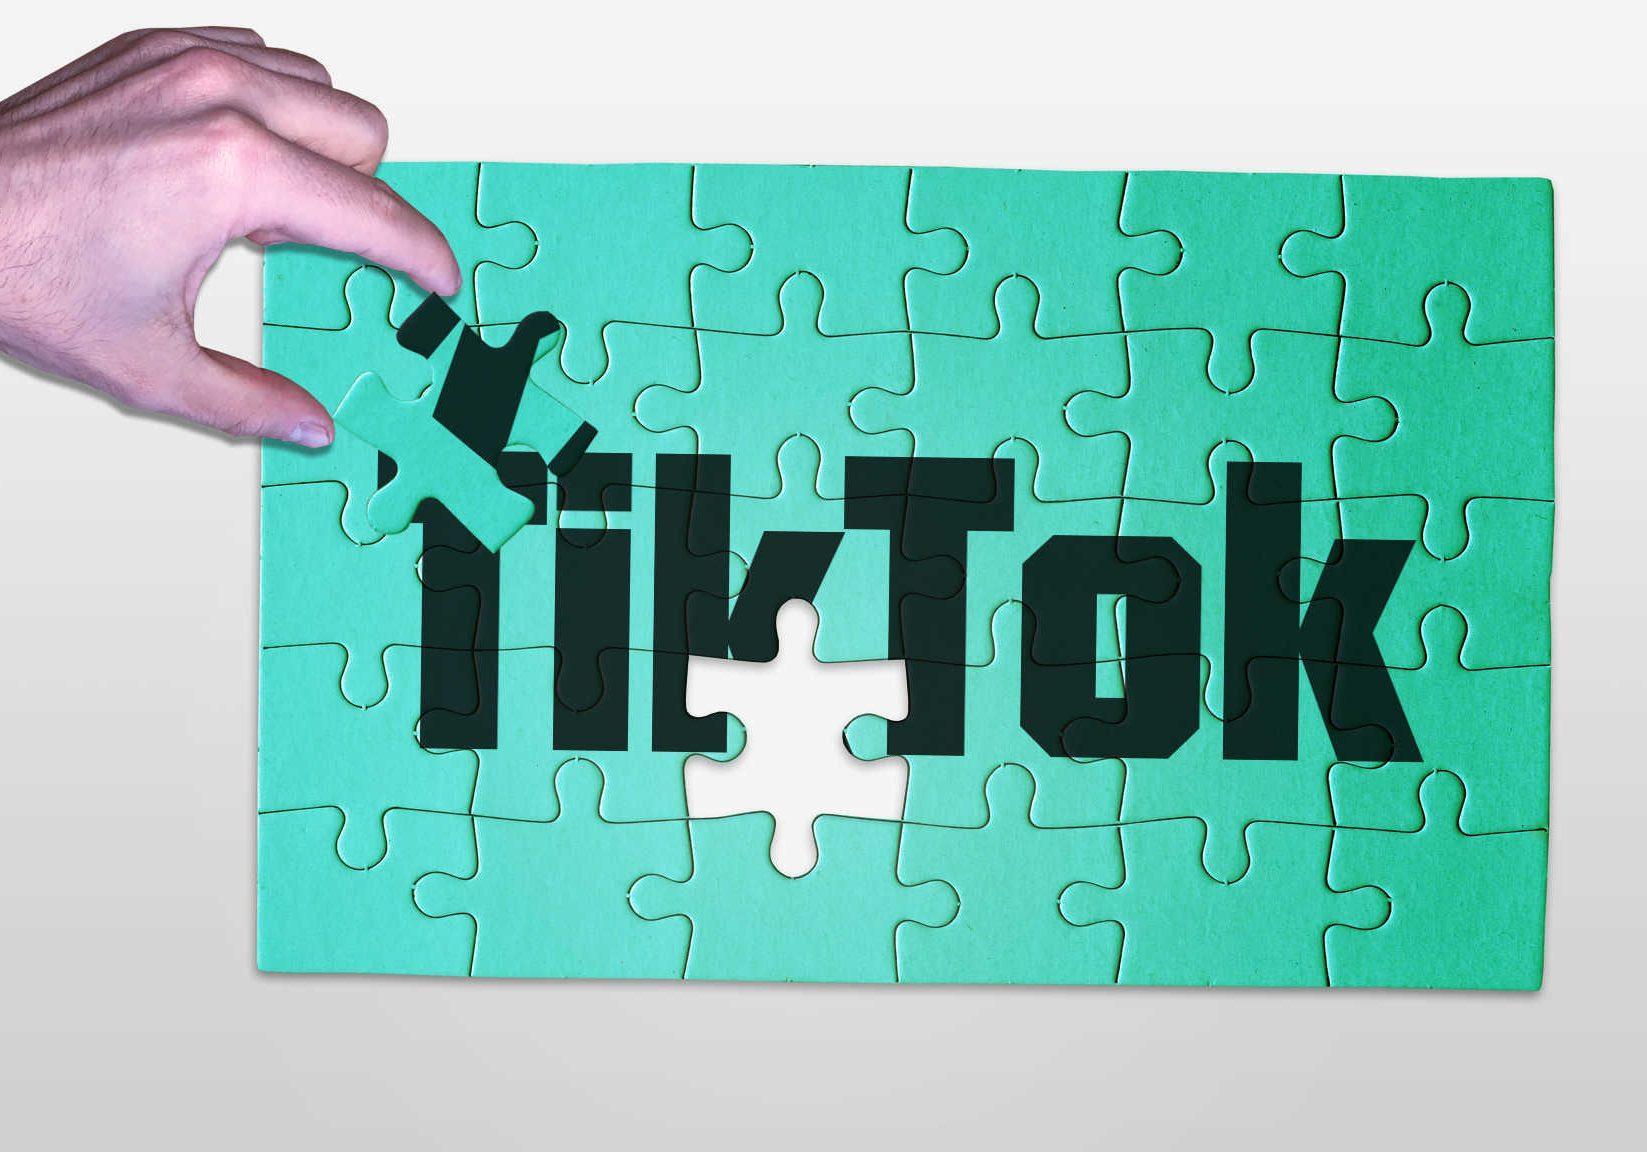 """Image source: <a href=""""https://www.flickr.com/photos/140988606@N08/40506142163"""" target=""""_BLANK"""" rel=""""noopener noreferrer"""">Christoph Sholz/Flickr Creative Commons</a>"""